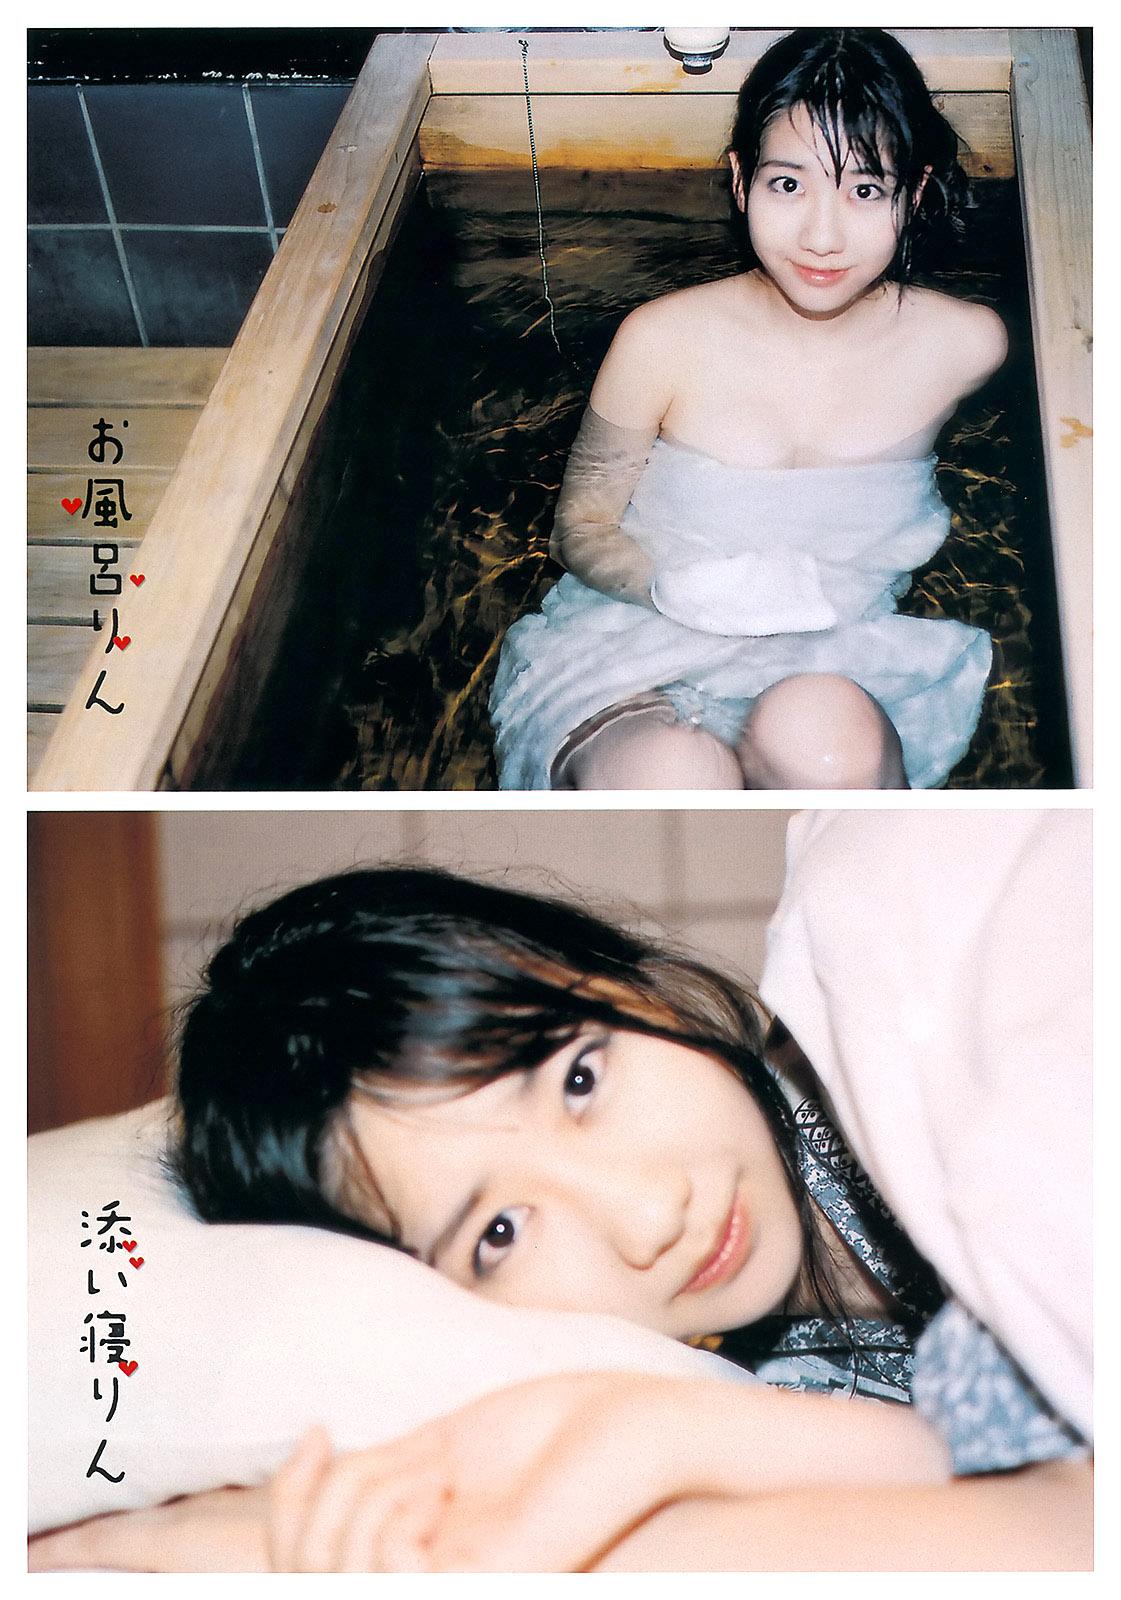 YKashiwagi WPB 120430 05.jpg